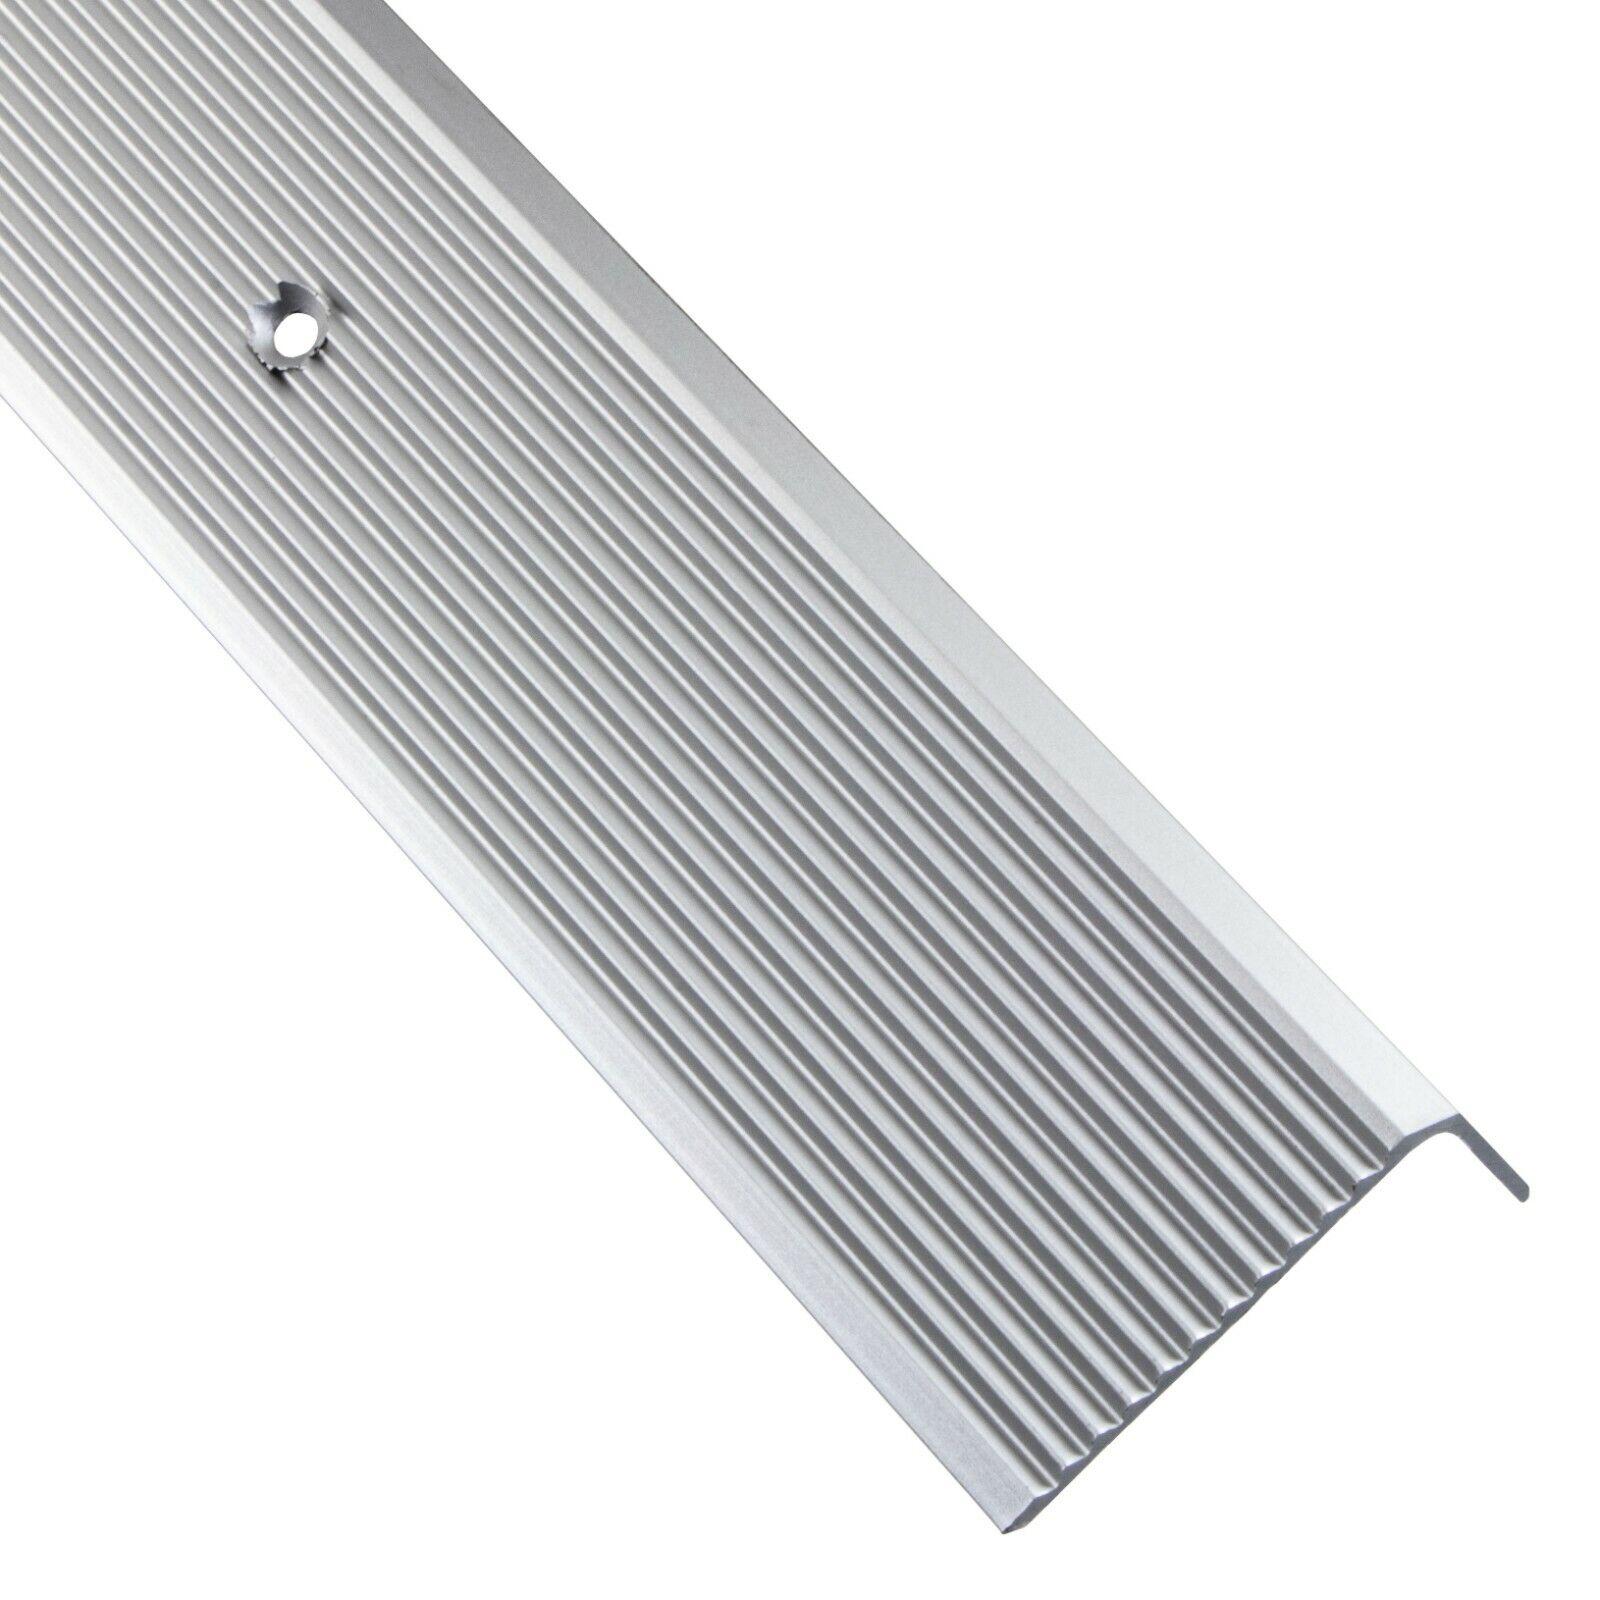 gelochtes Profil zum Schrauben L Form Alu Stufenkantenprofil Integral Breite 30 mm 100 cm eloxiert Silber